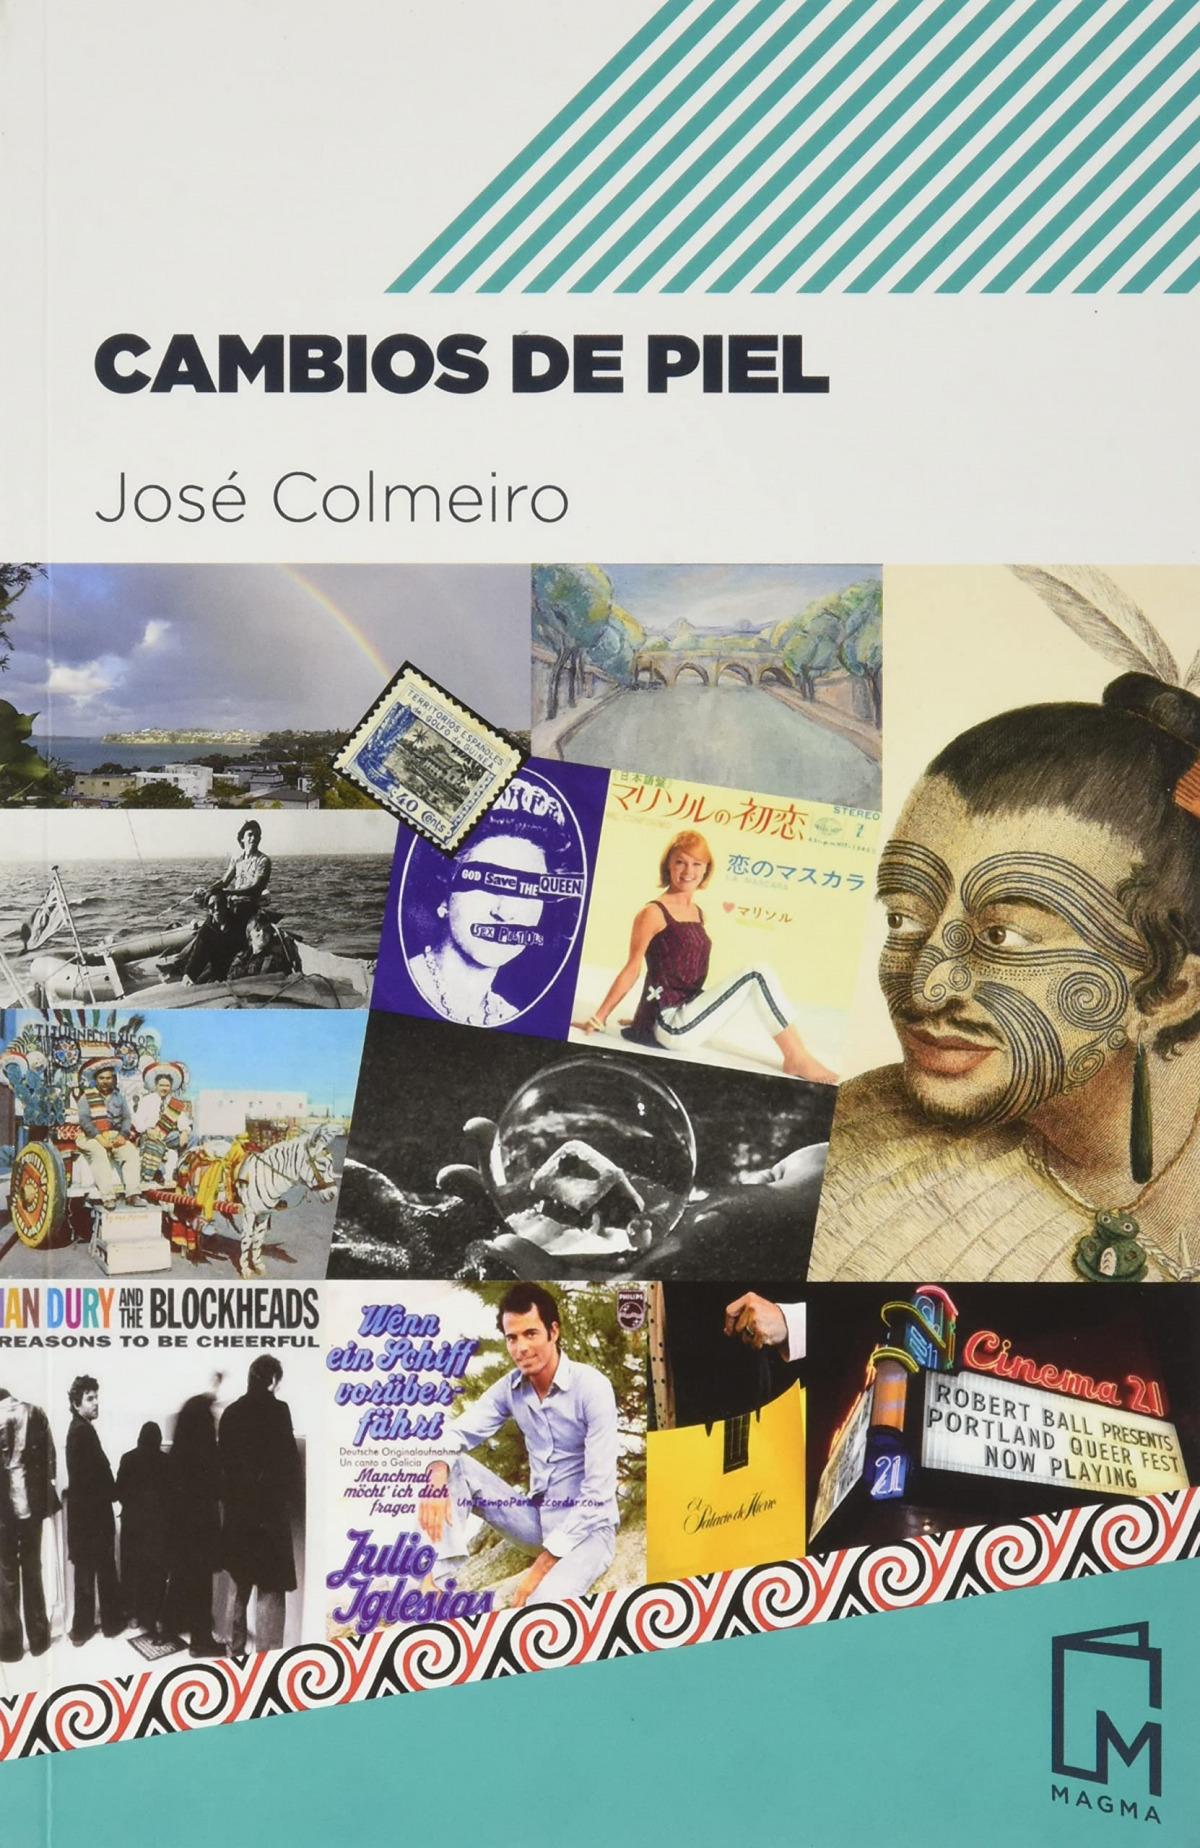 CAMBIOS DE PIEL